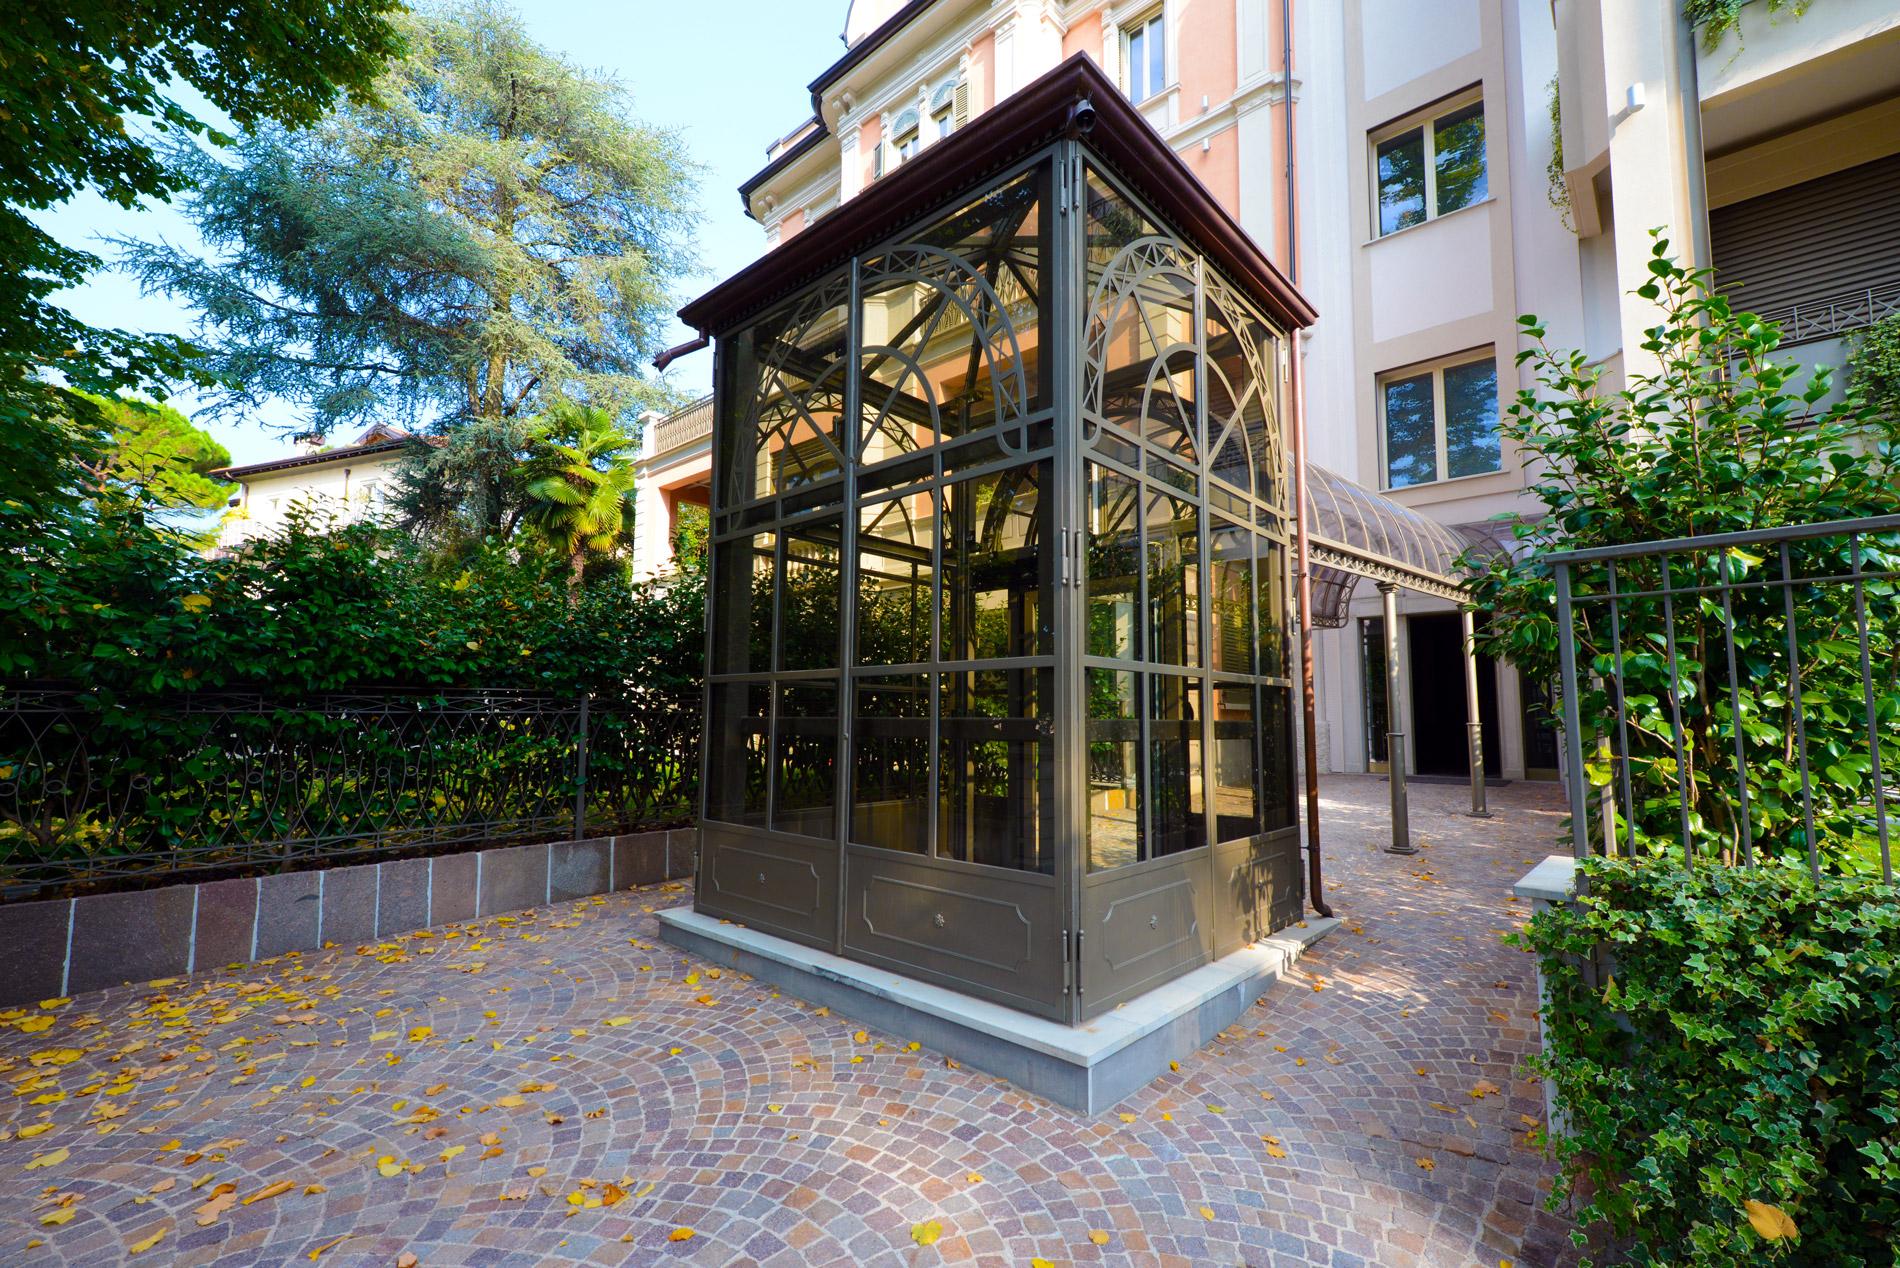 Costo ascensore esterno 2 piani perfect ascensori esterni alla volumetria del fabbricato with - Quanto costa un ascensore interno ...